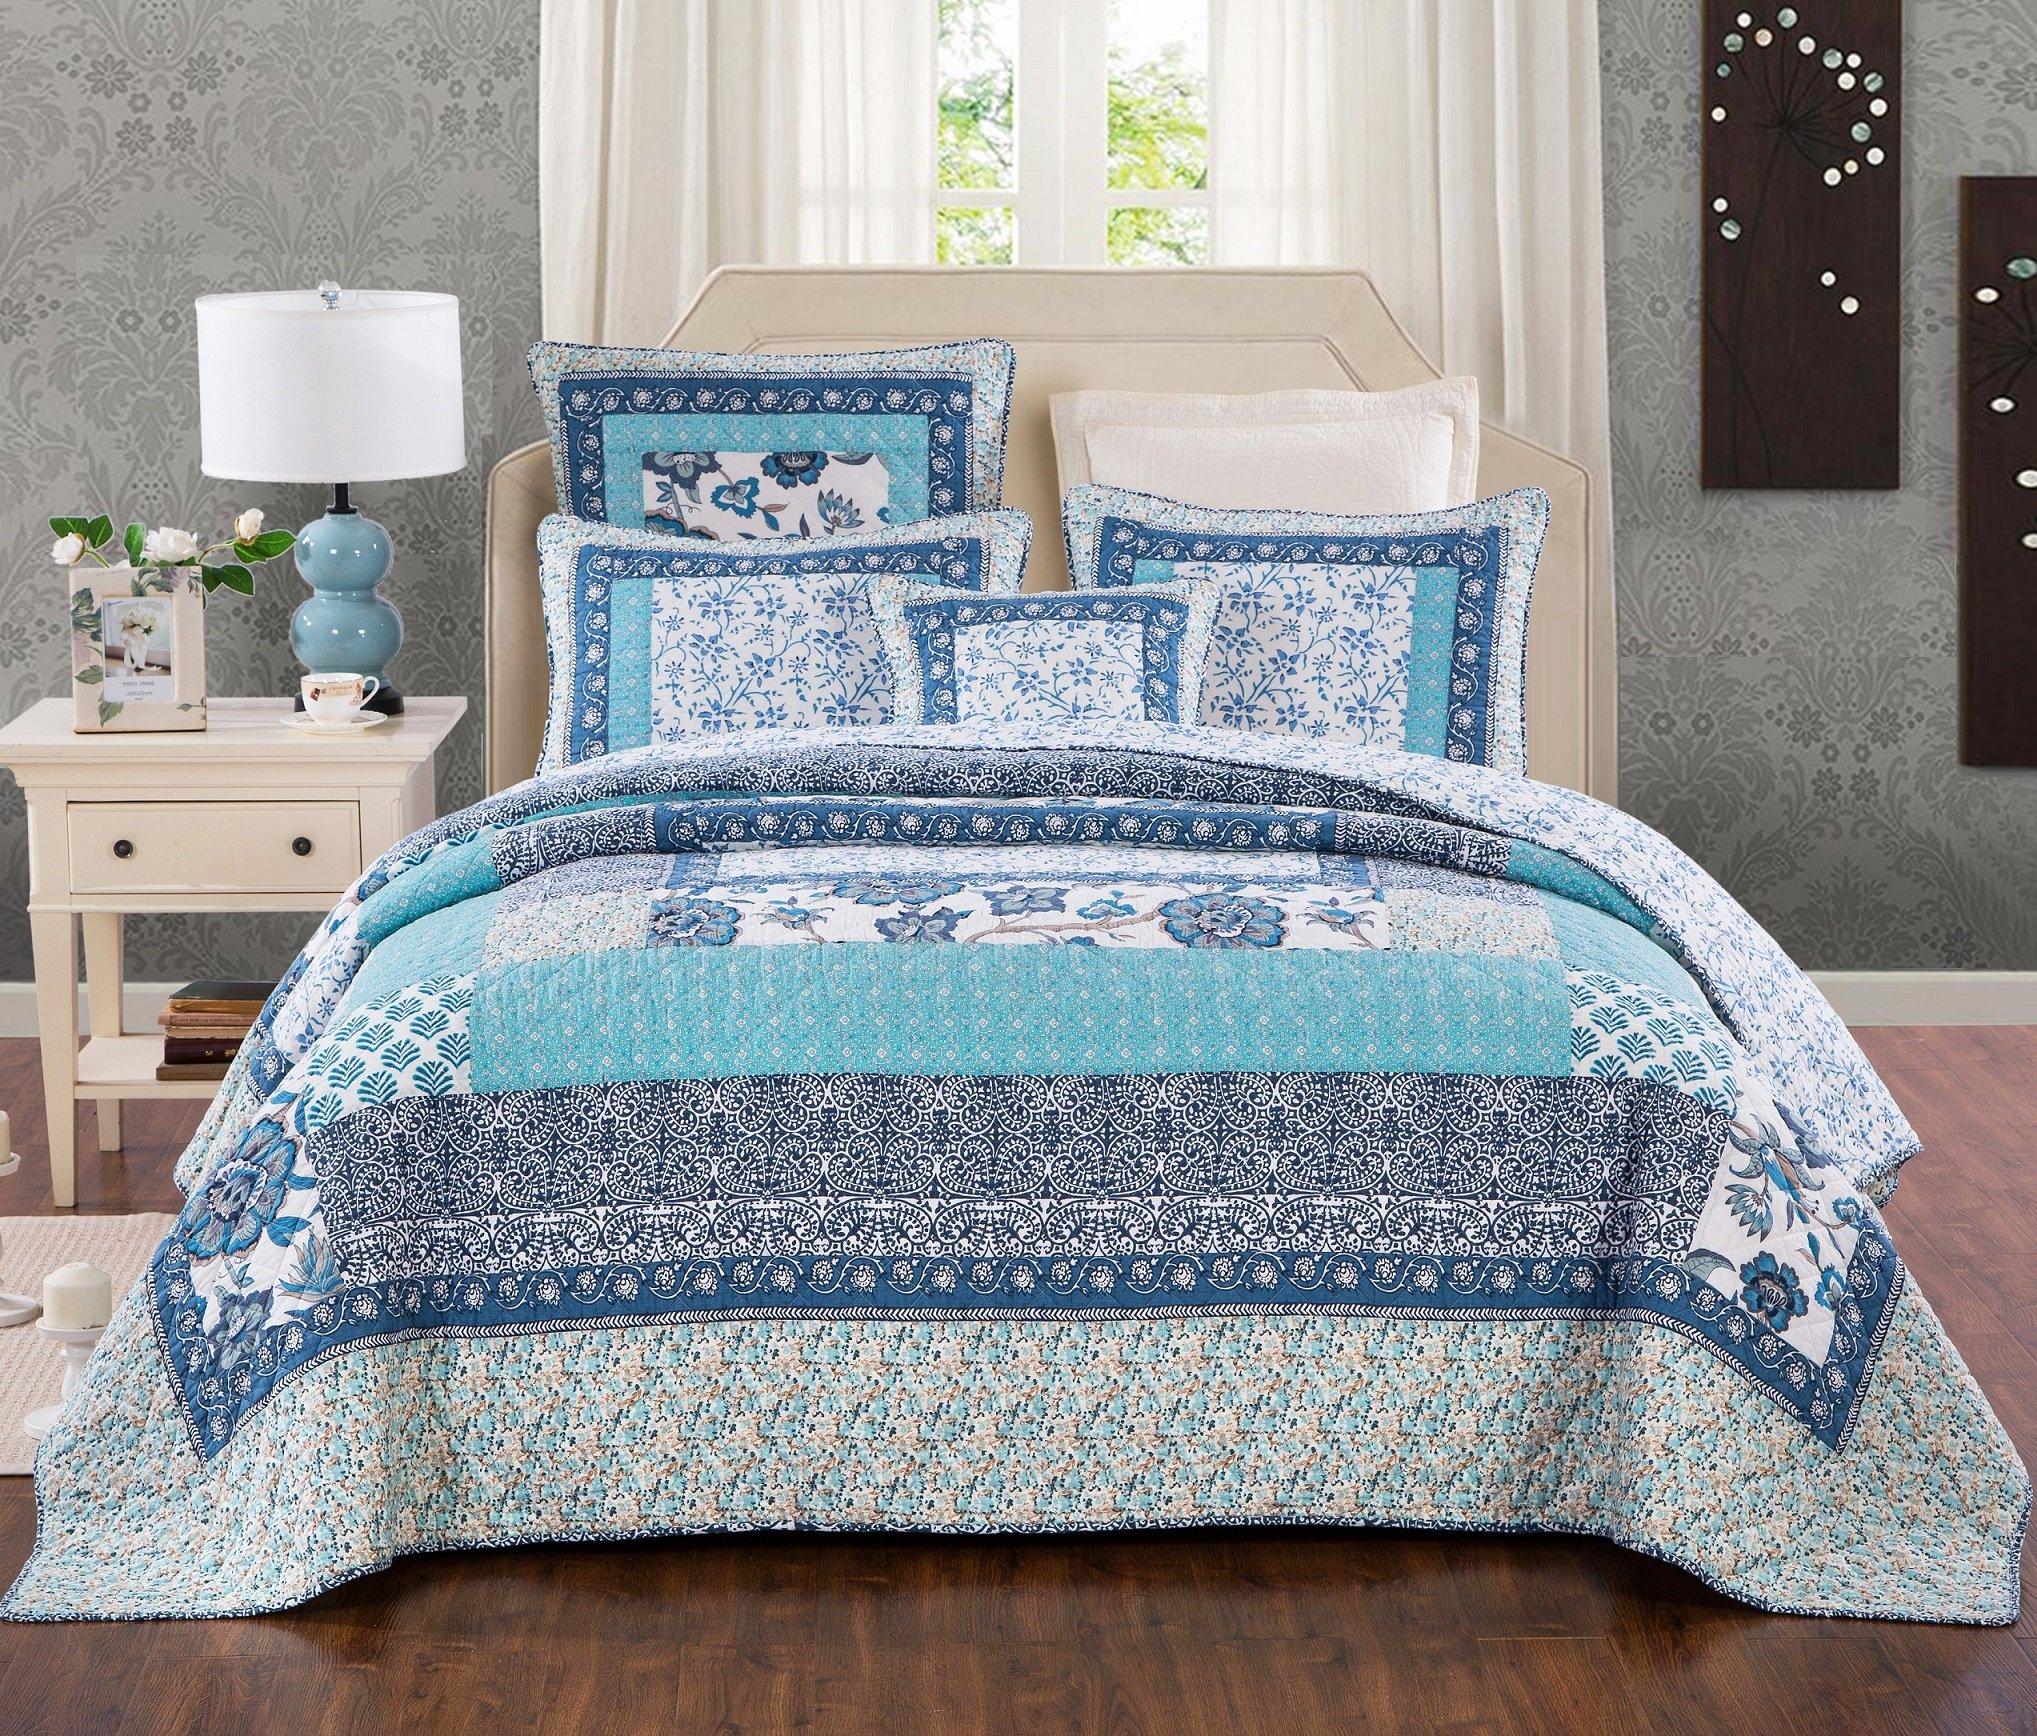 Tache Blue Patchwork Quilt Bedspread - Blue Elegance - 2 Piece Cotton Floral Reversible Coverlet Bedding Set - Twin